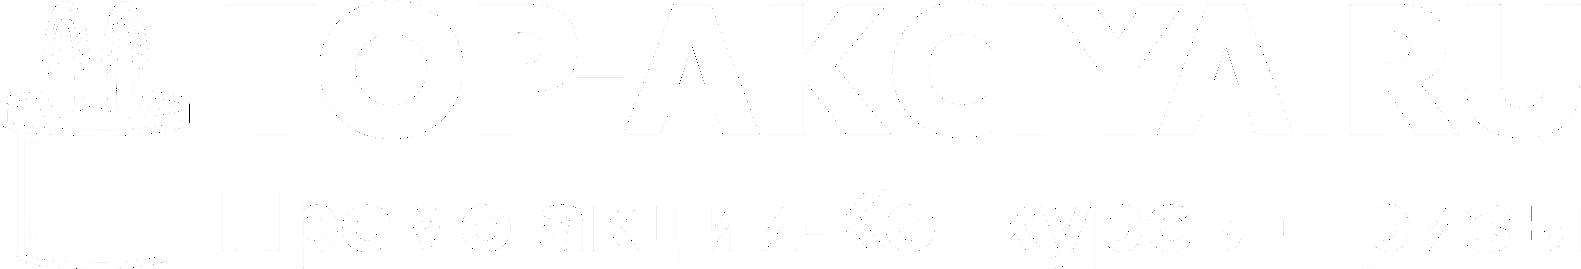 Логотип сайта Top-akciya.ru